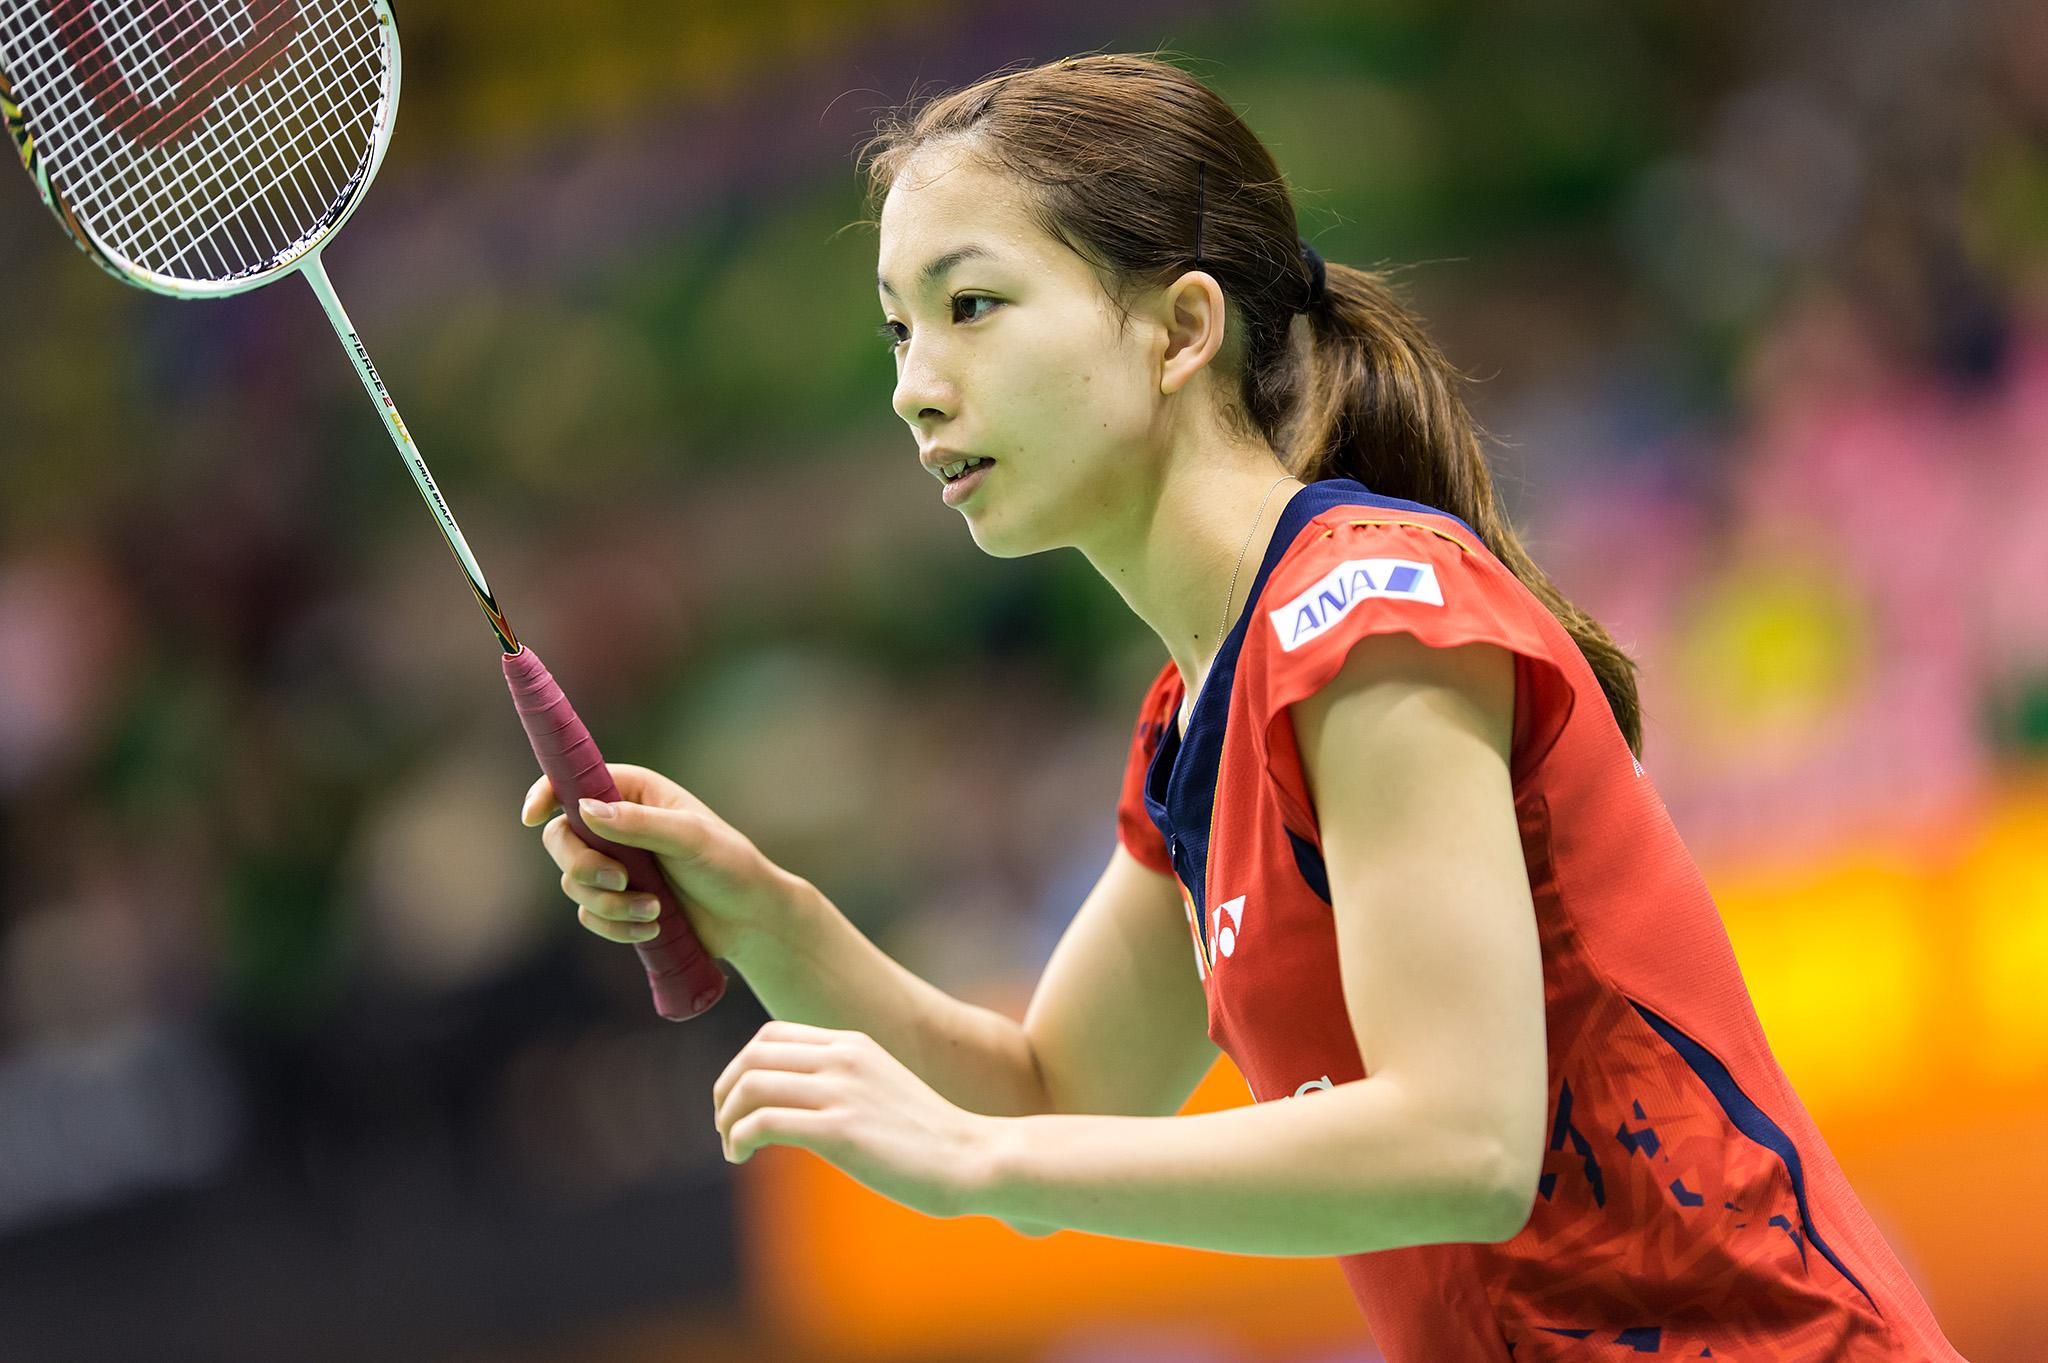 Hong Kong Badminton Open 2013 Kenichi HAYAKAWA Misaki MATSUTOMO